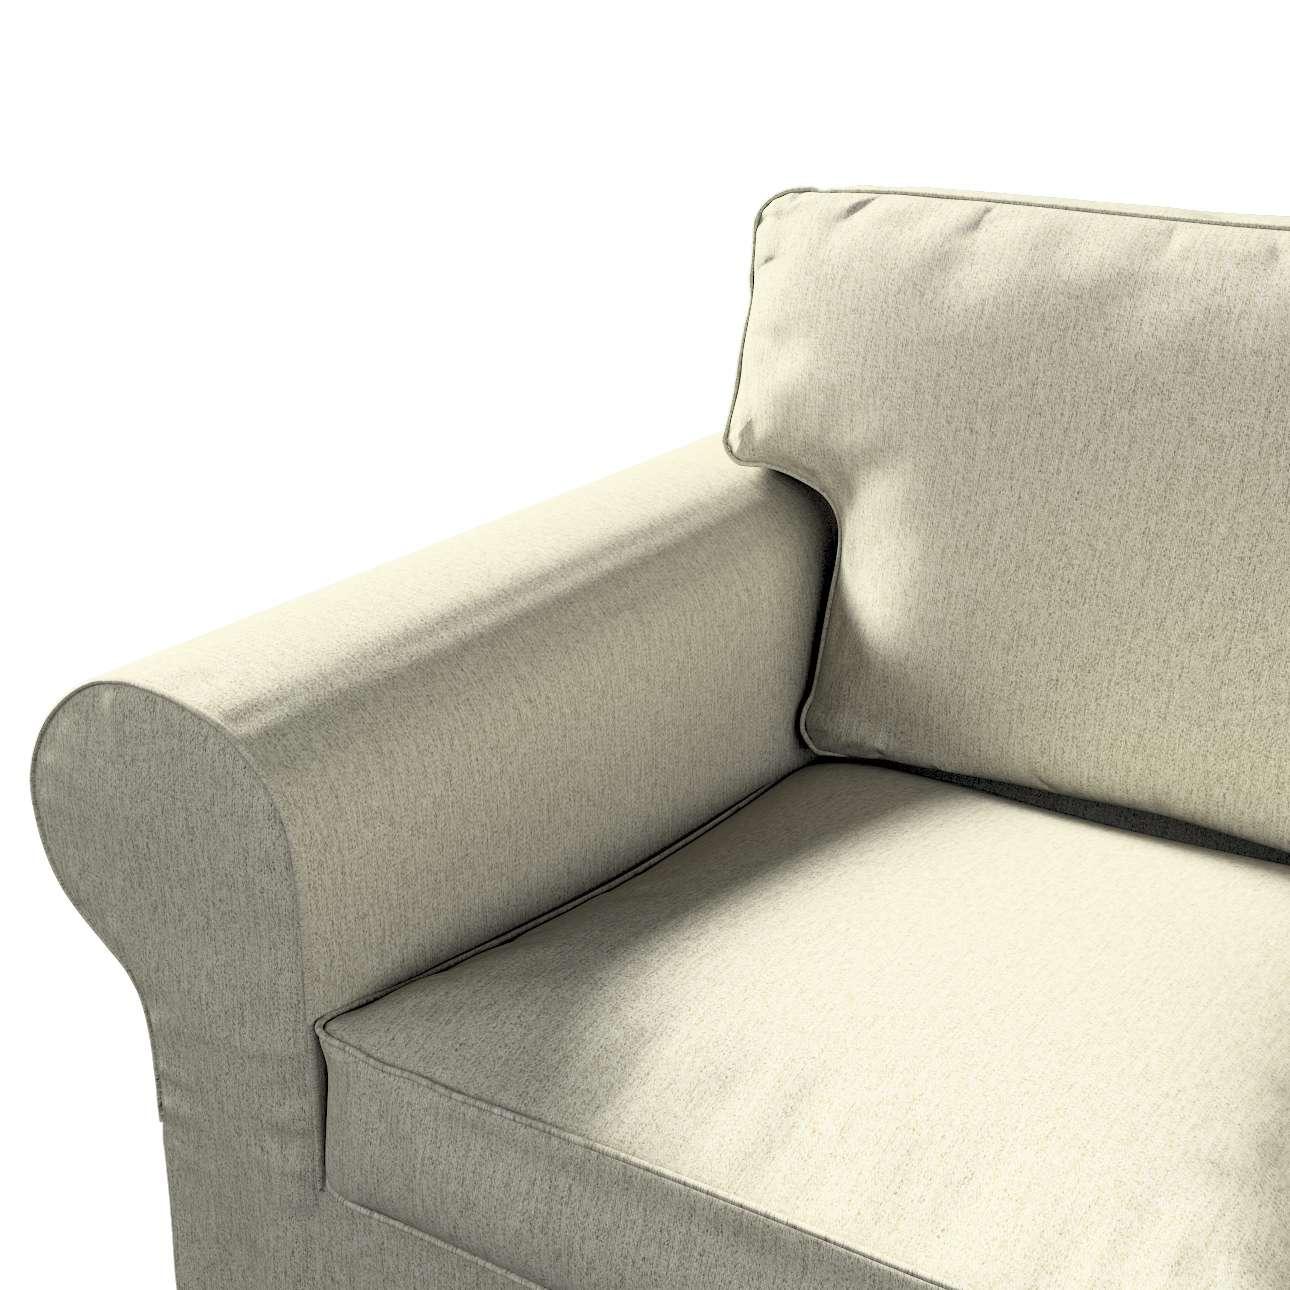 Poťah na sedačku Ektorp (rozkladacia, pre 2 osoby) NOVÝ MODEL 2012 V kolekcii Living, tkanina: 161-62